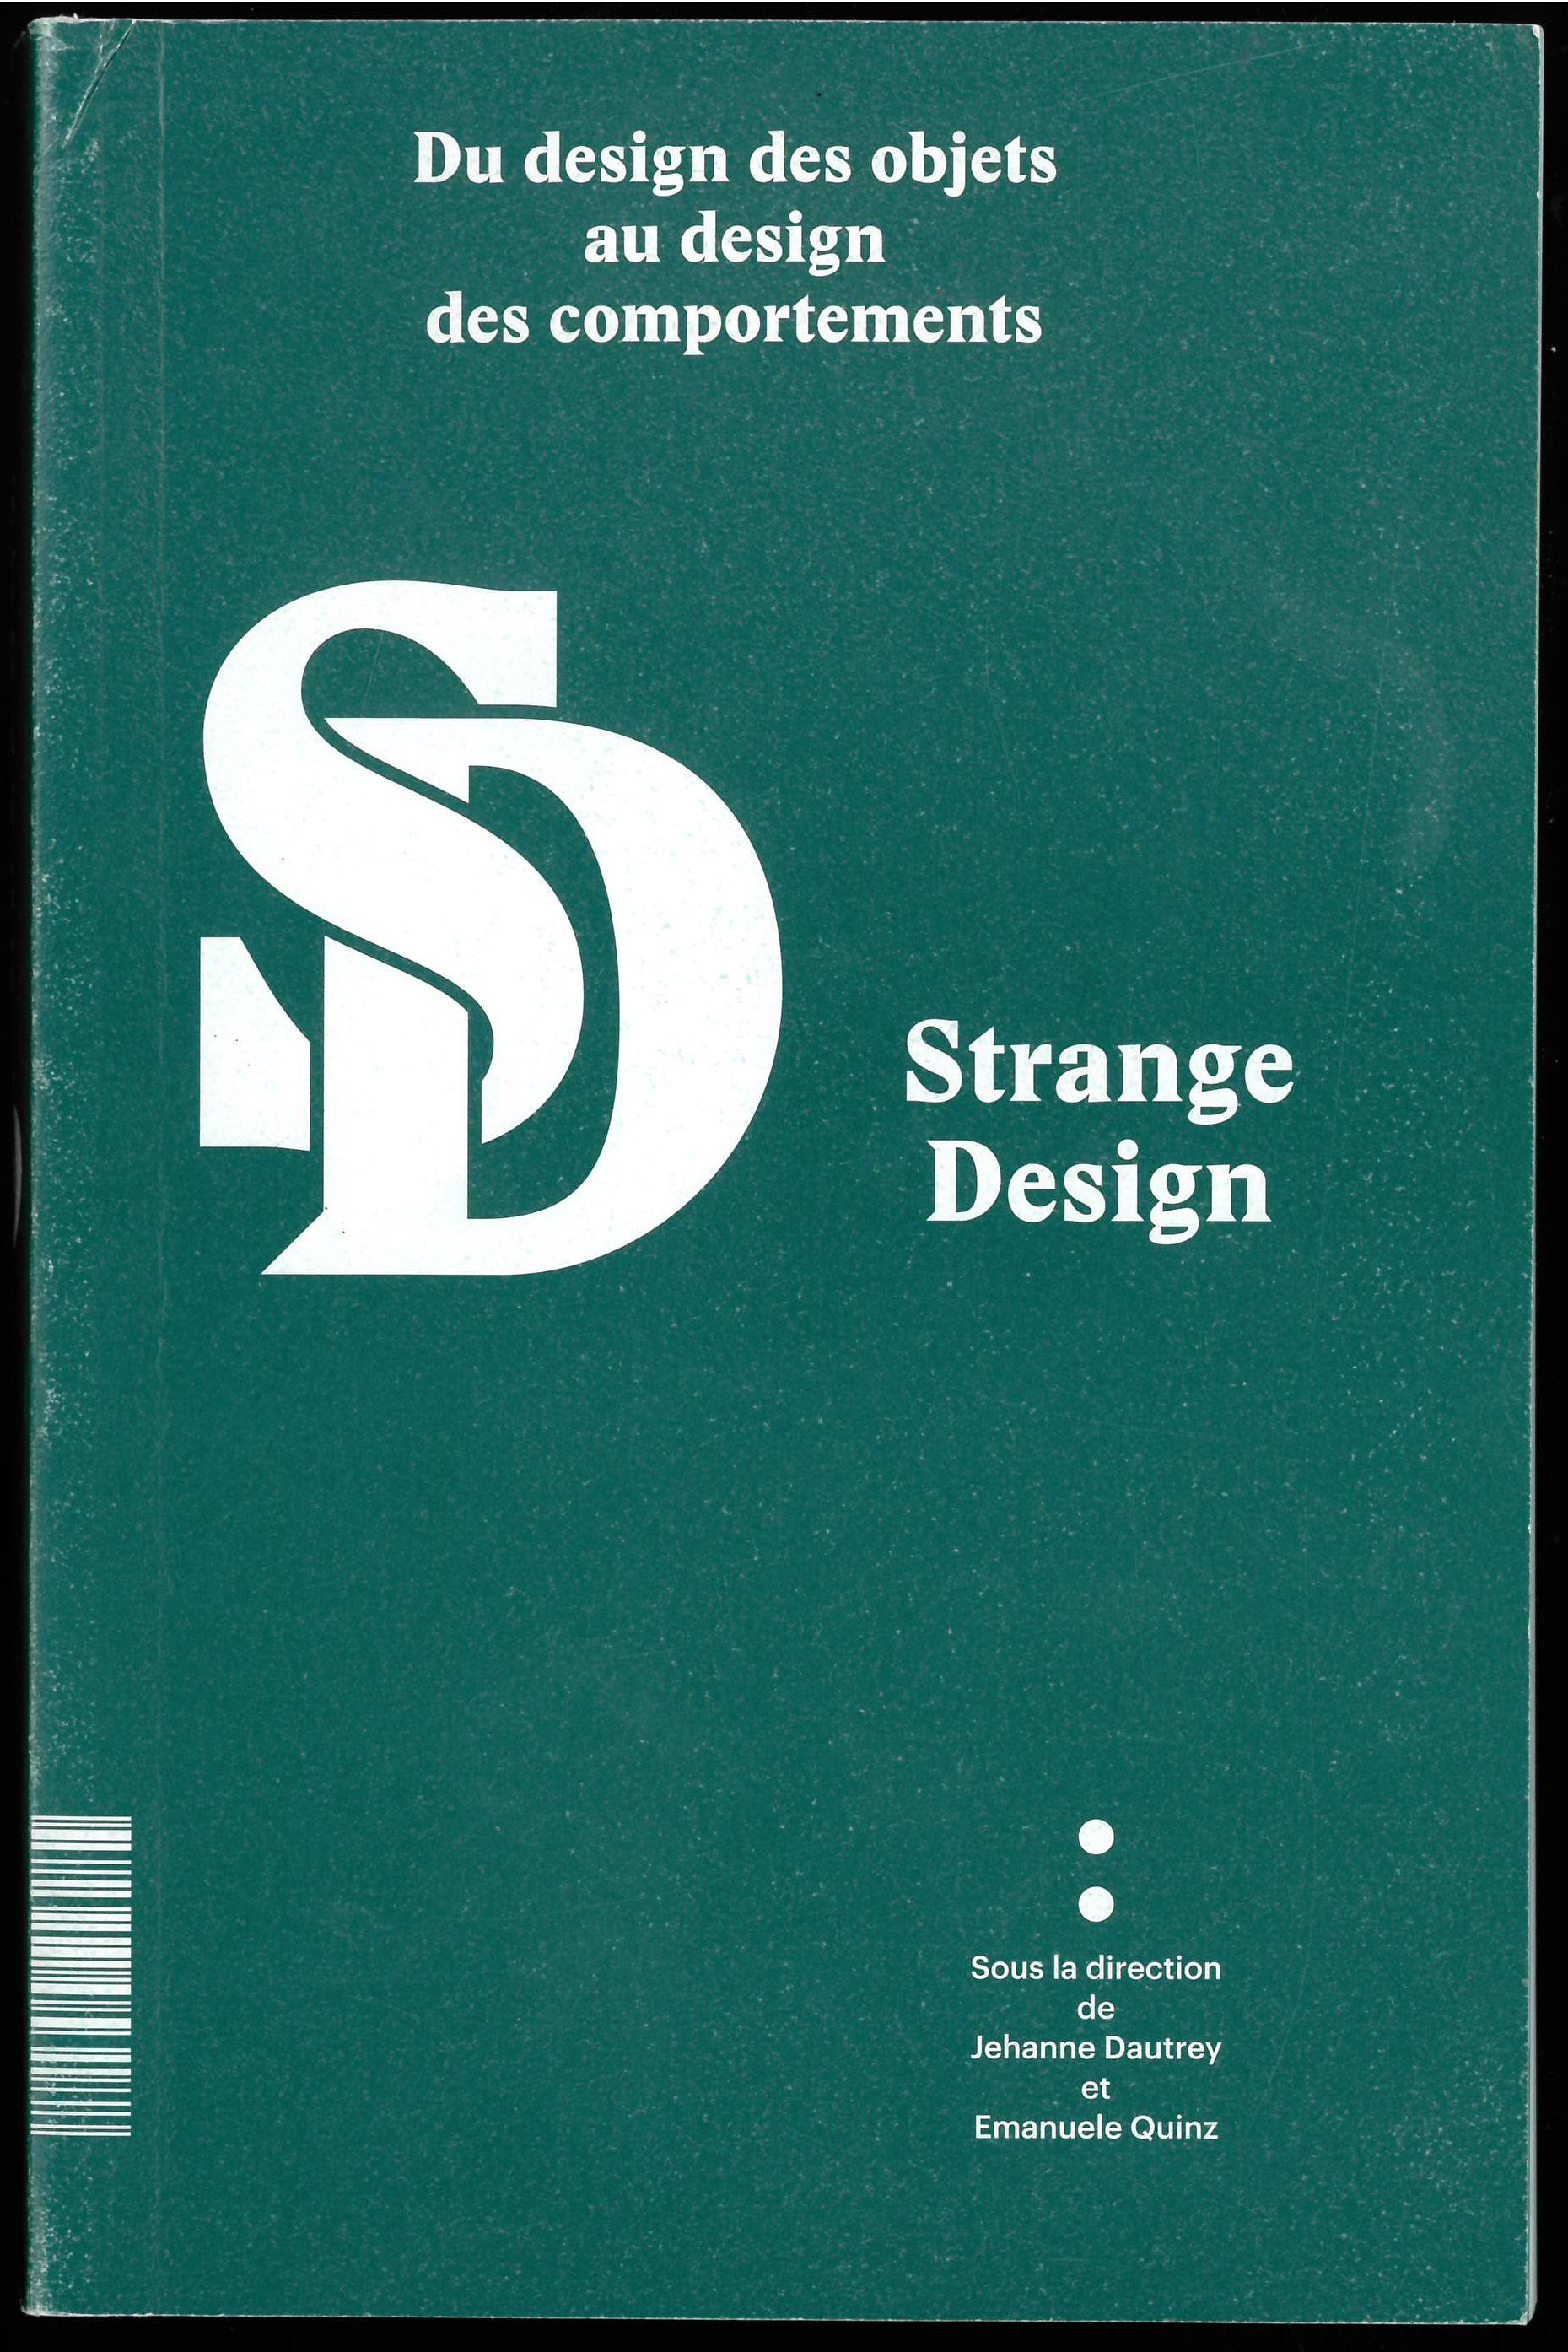 strange design, du design des objets au design des comportements